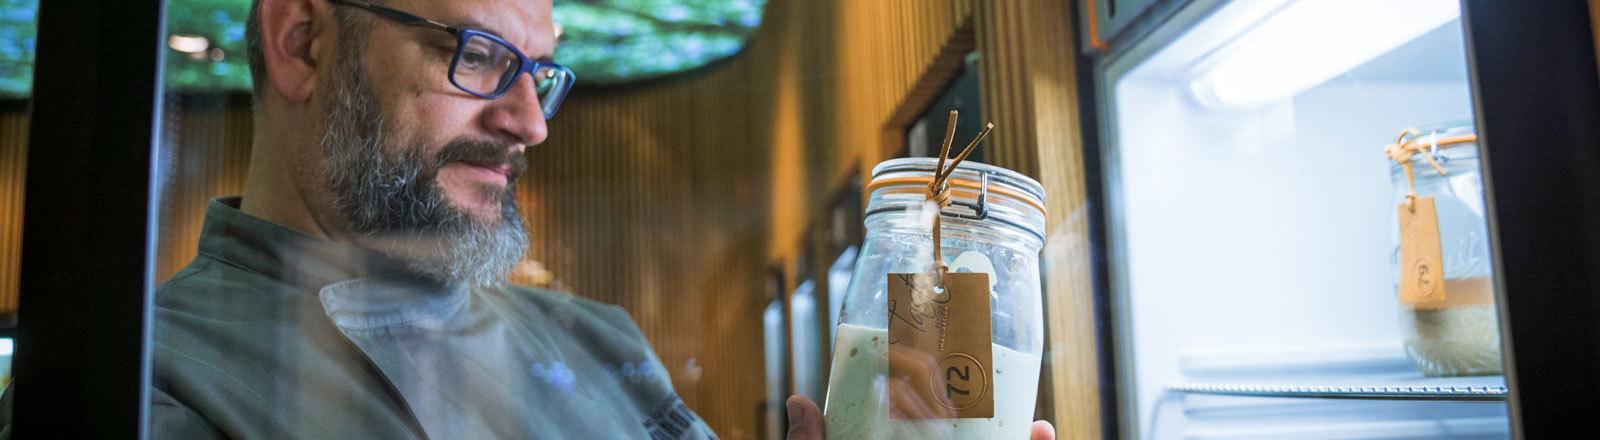 Karl de Smedt schaut auf ein Einmachglas, in dem Sauerteig ist.